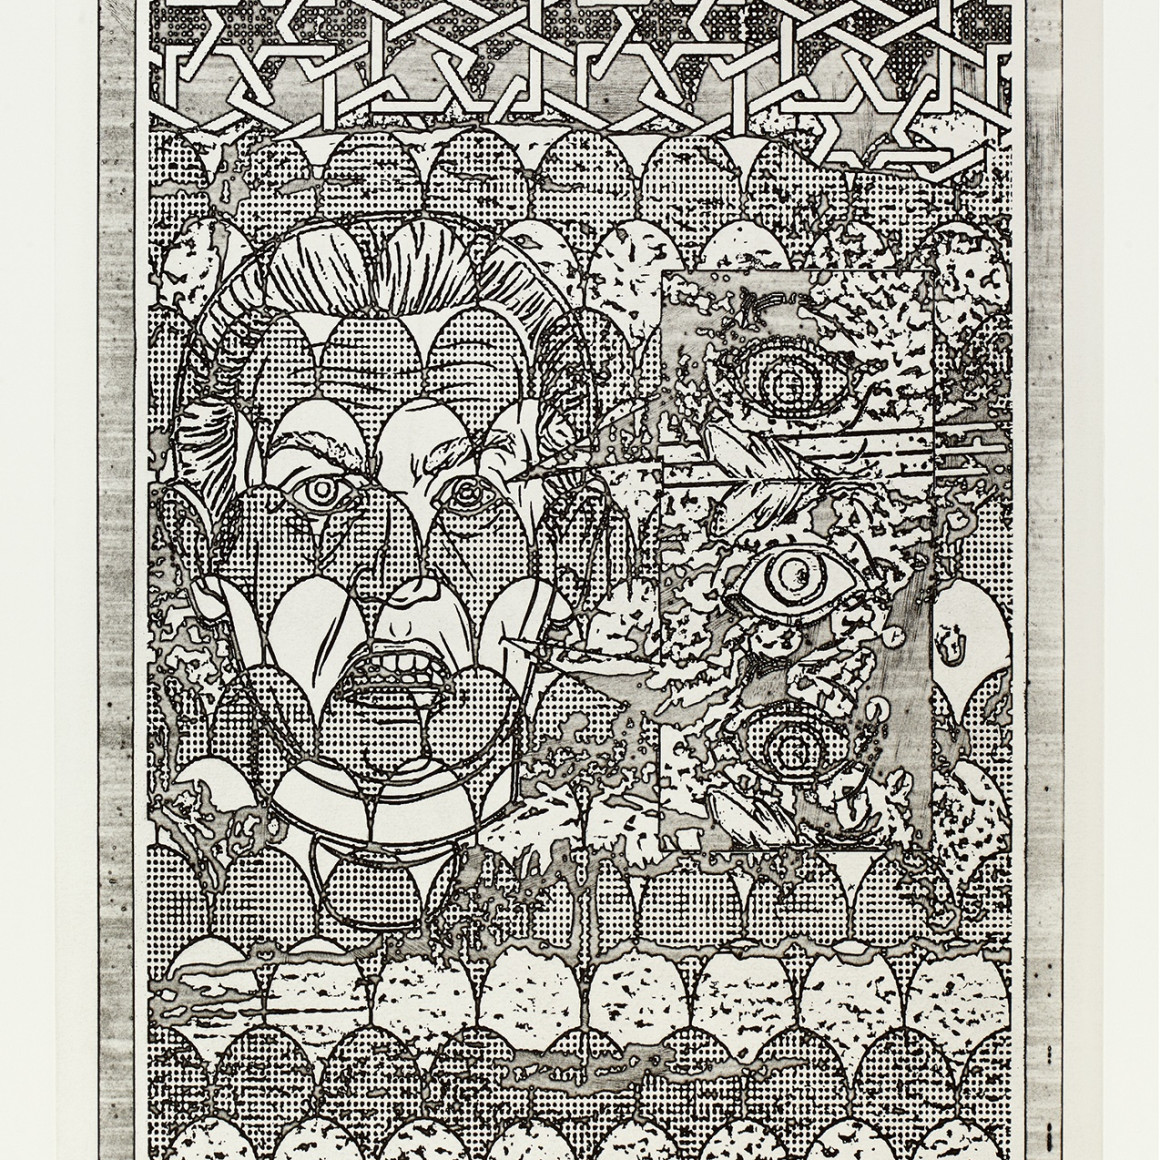 Zhivago Duncan, Unaccomplished Promises, 2014-15